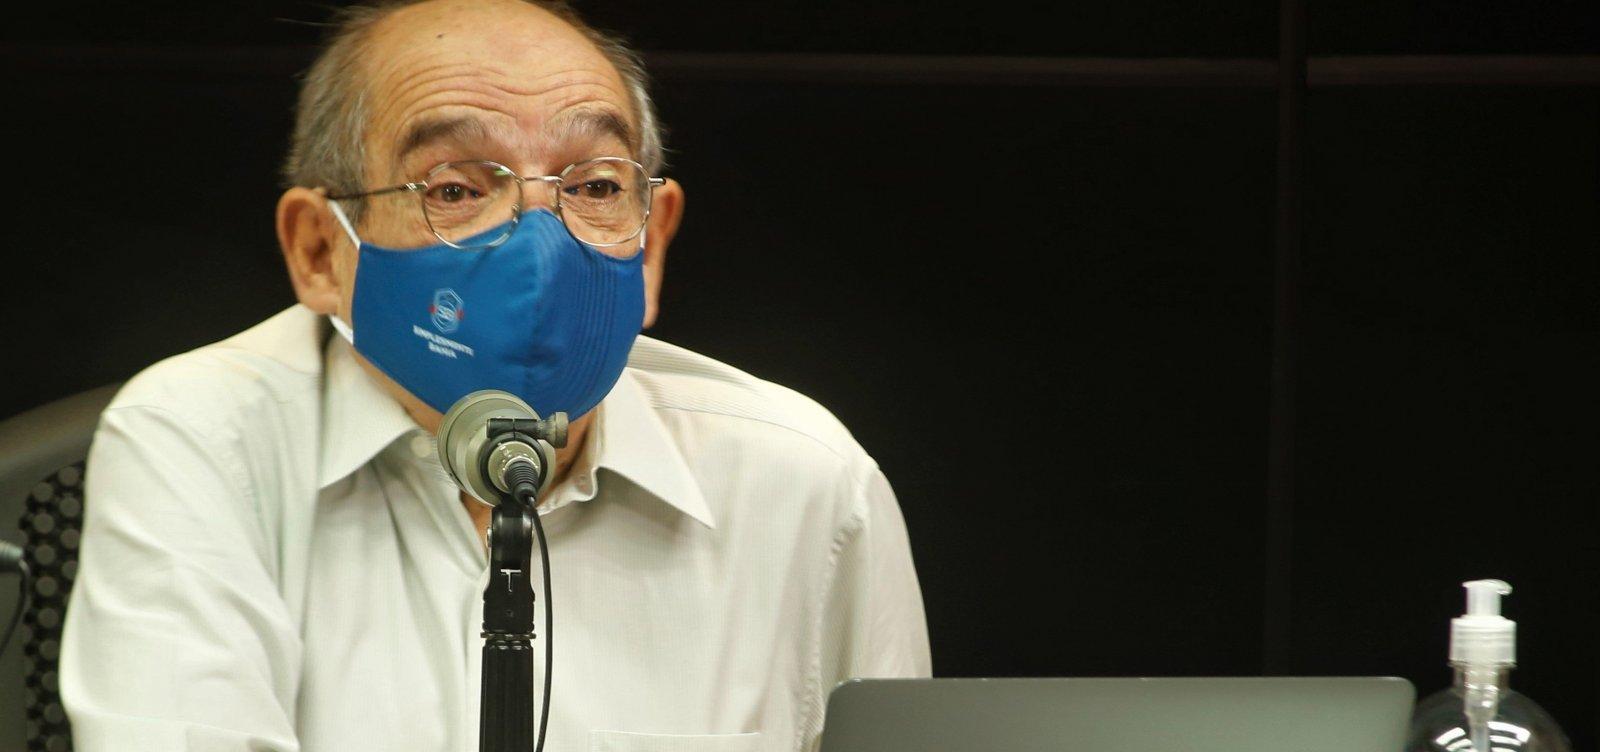 MK critica autoridades que furaram fila da vacinação: 'Coisa vergonhosa'; ouça